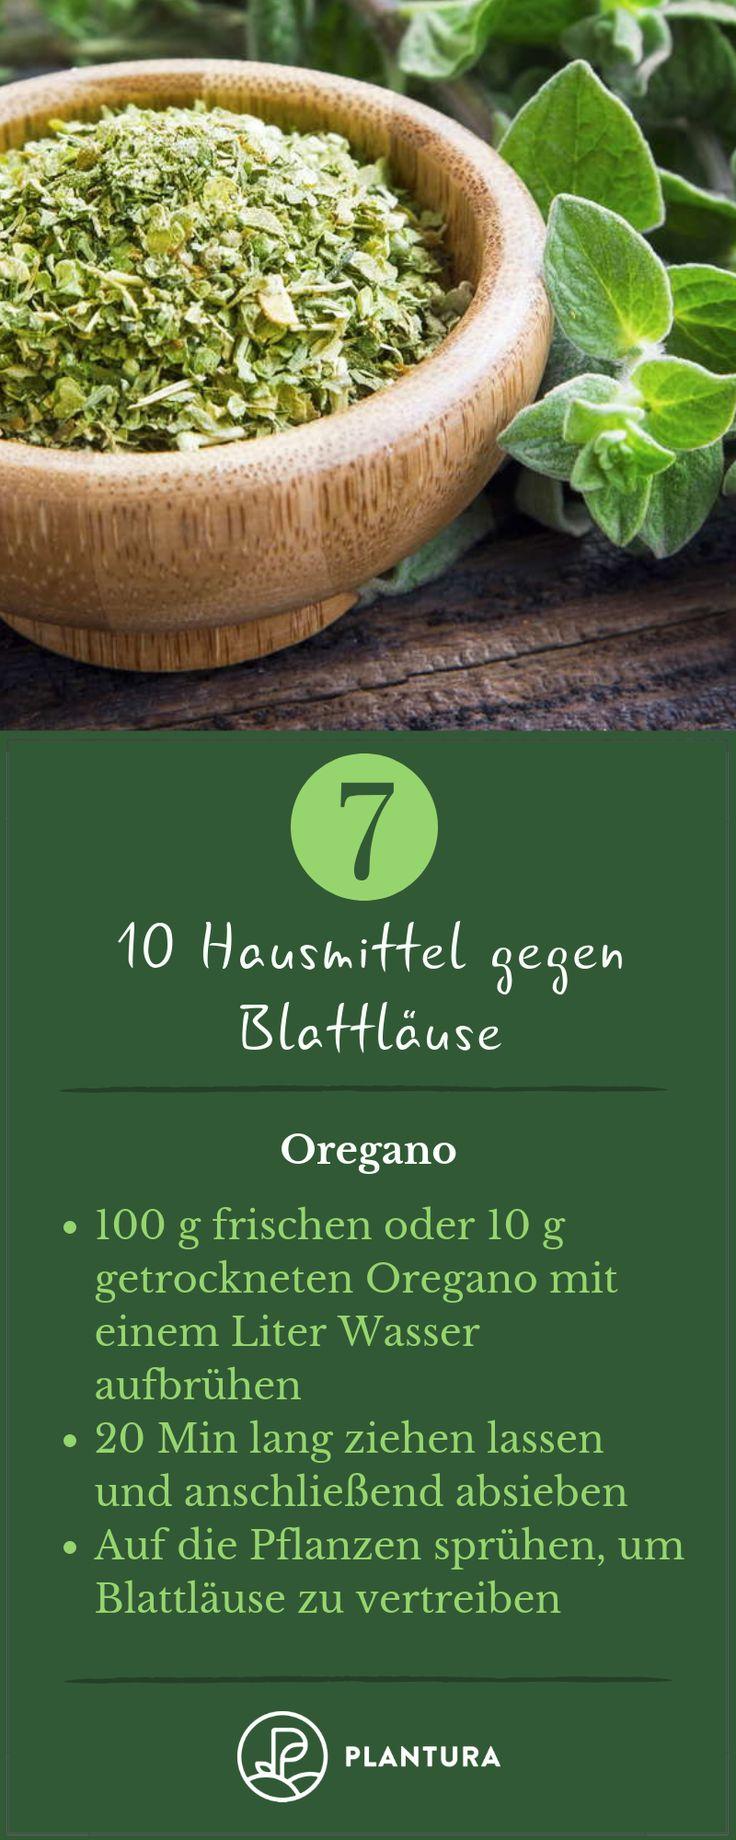 10 Hausmittel gegen Blattläuse